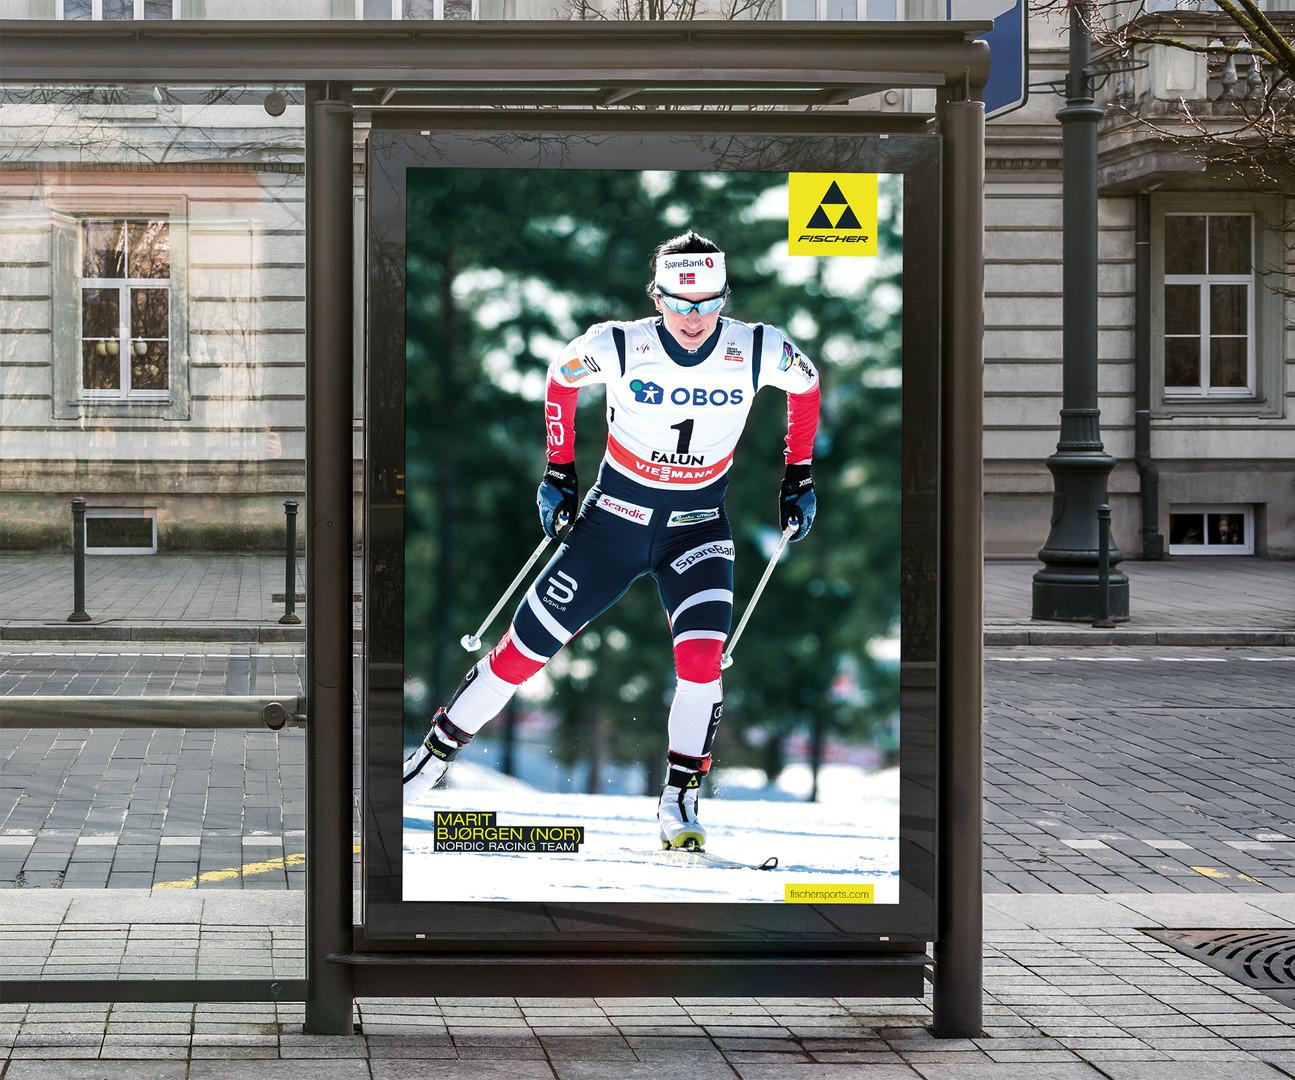 Affiche Abri Bus.jpg